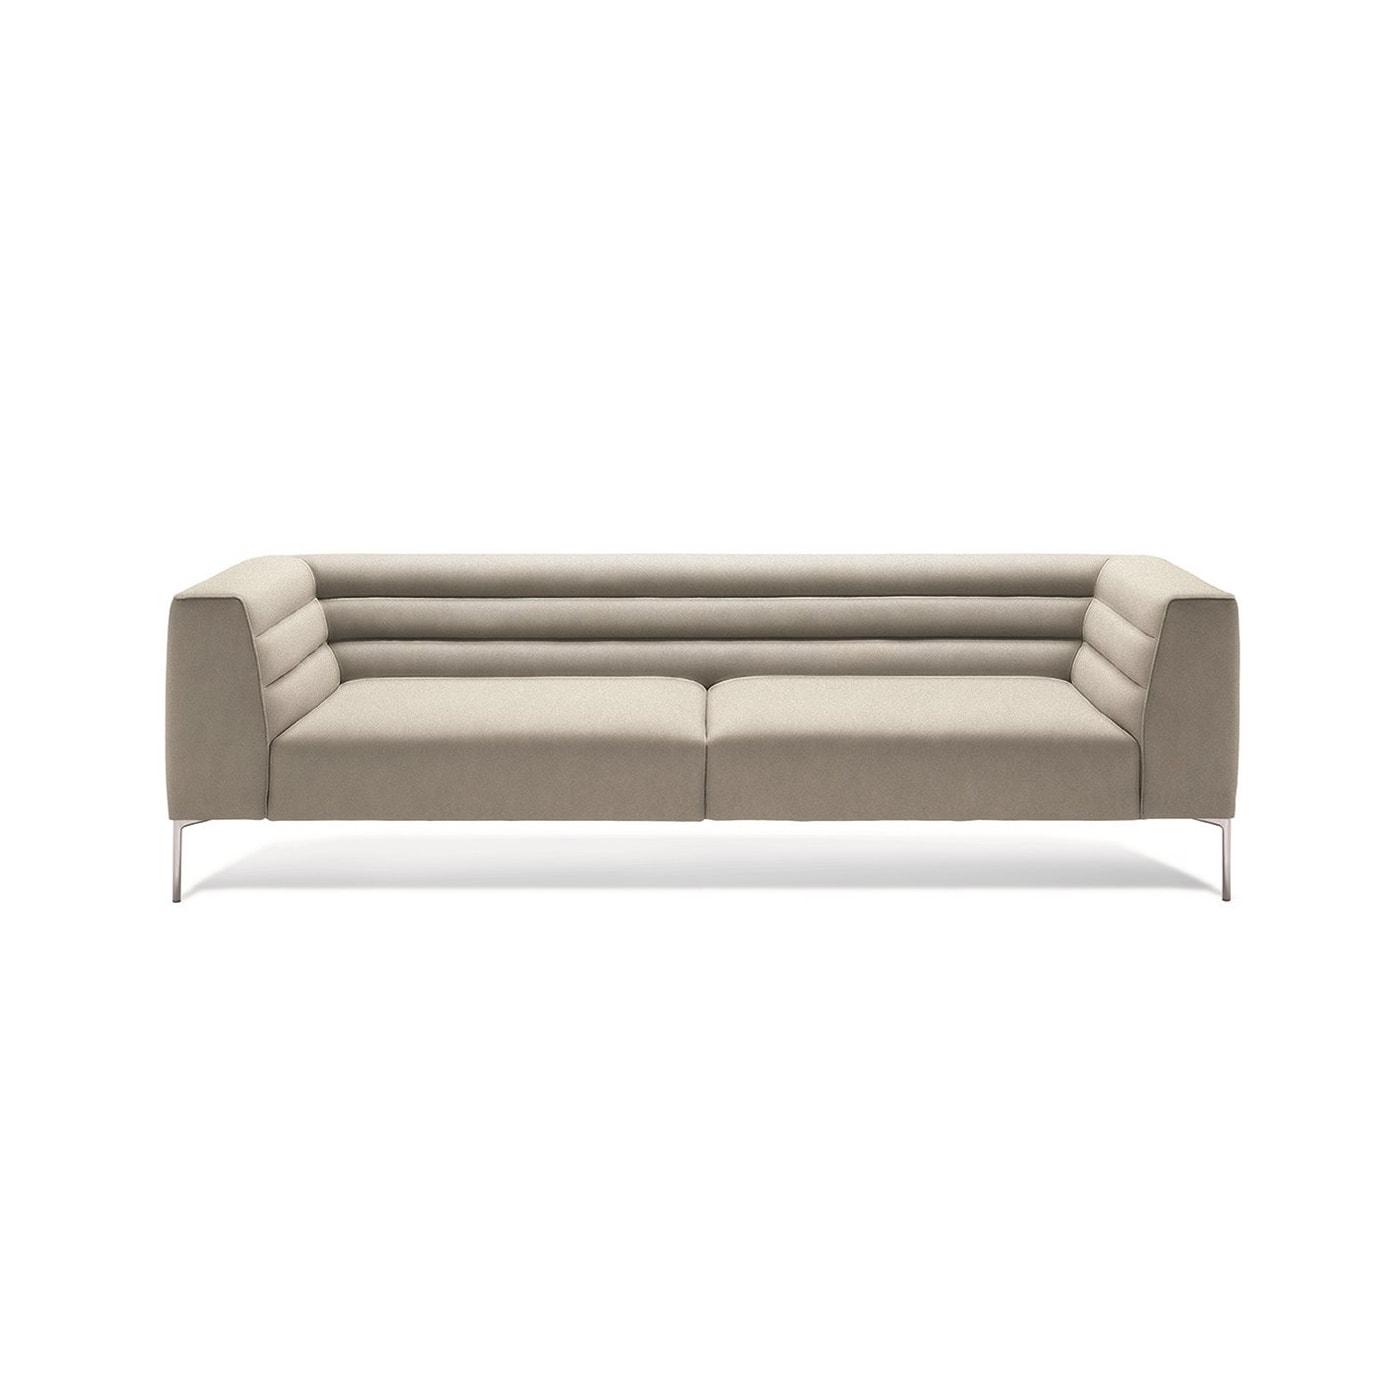 Zanotta Botero divano - vendita online